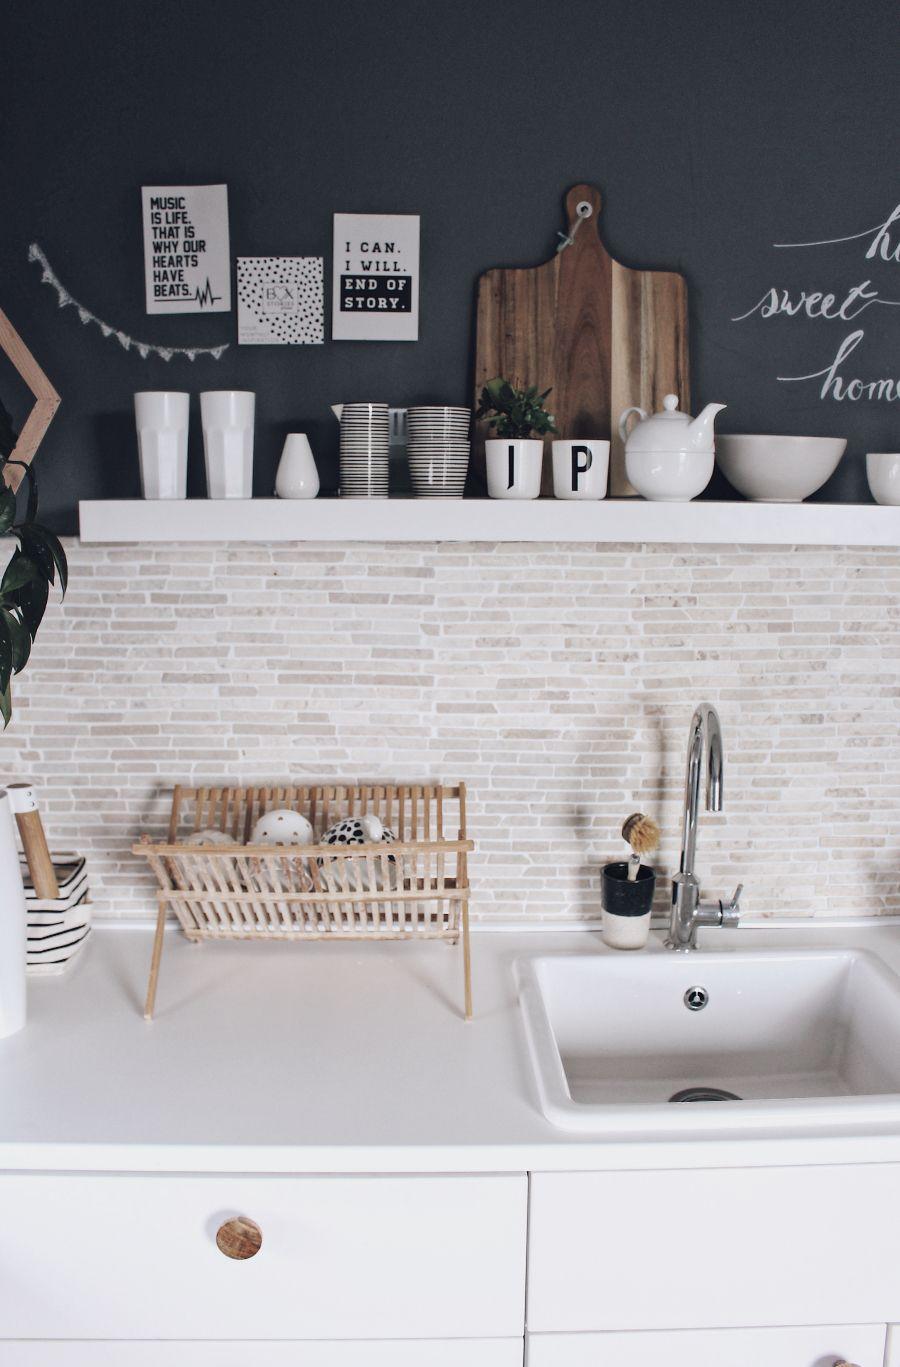 Einfaches haustürdesign küche neu gestalten  schnell und einfach mit tafelfarbe  küche